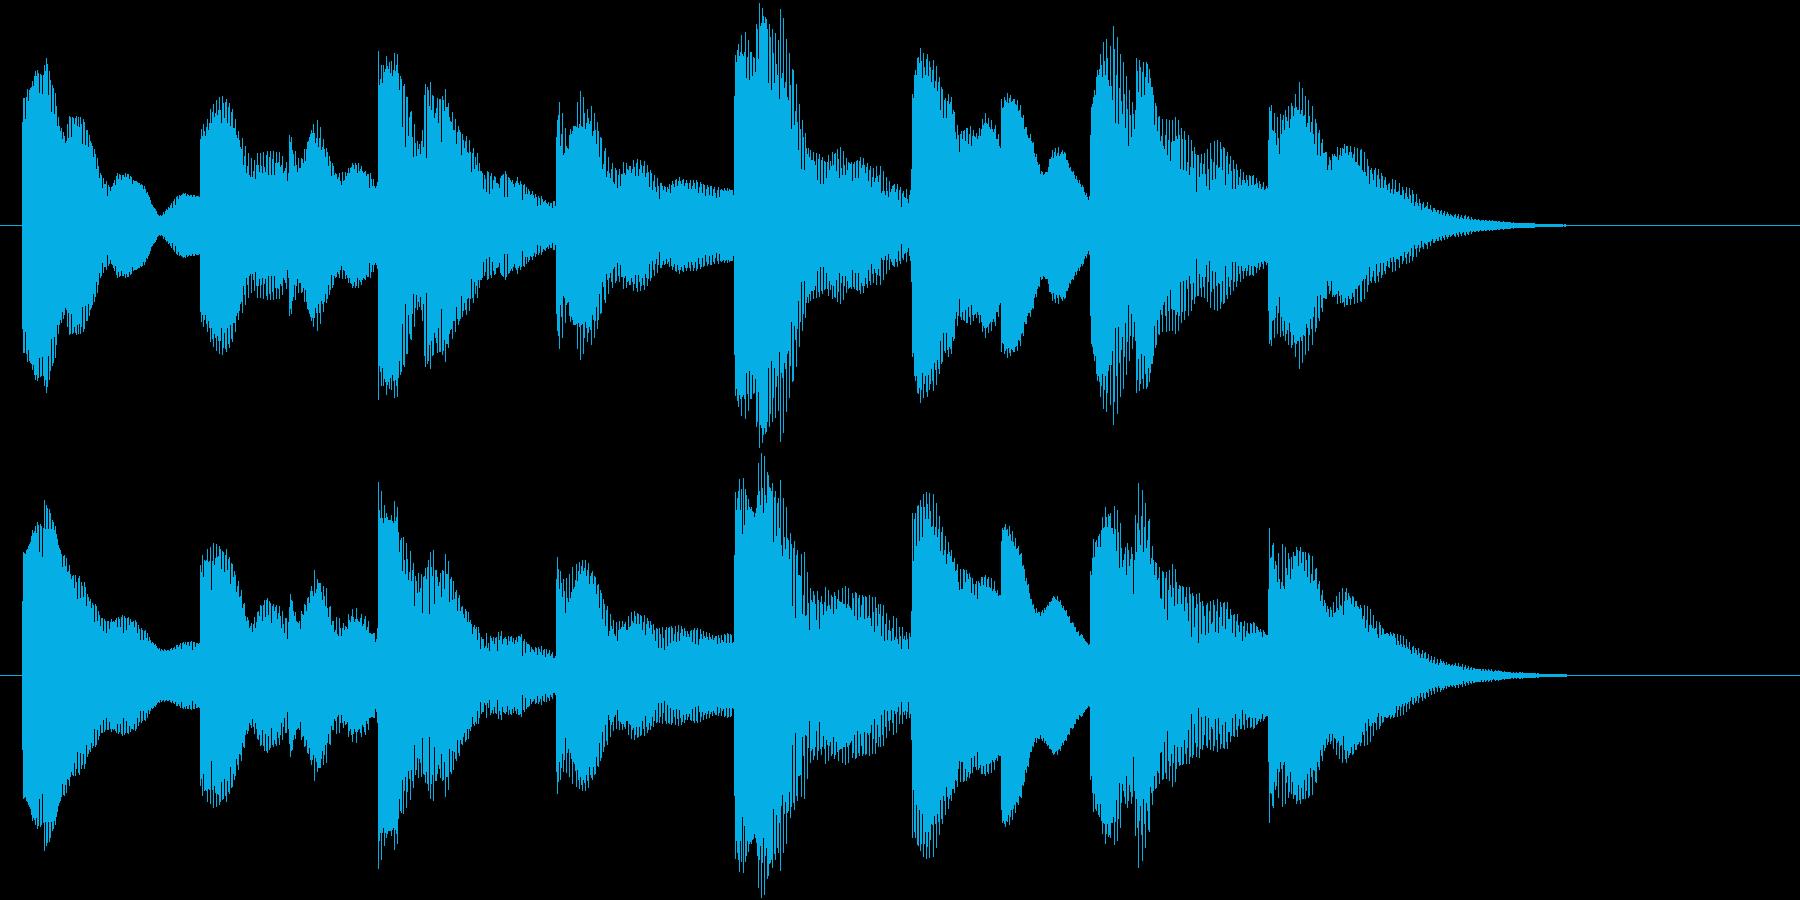 電車の発車メロディー風SEの再生済みの波形